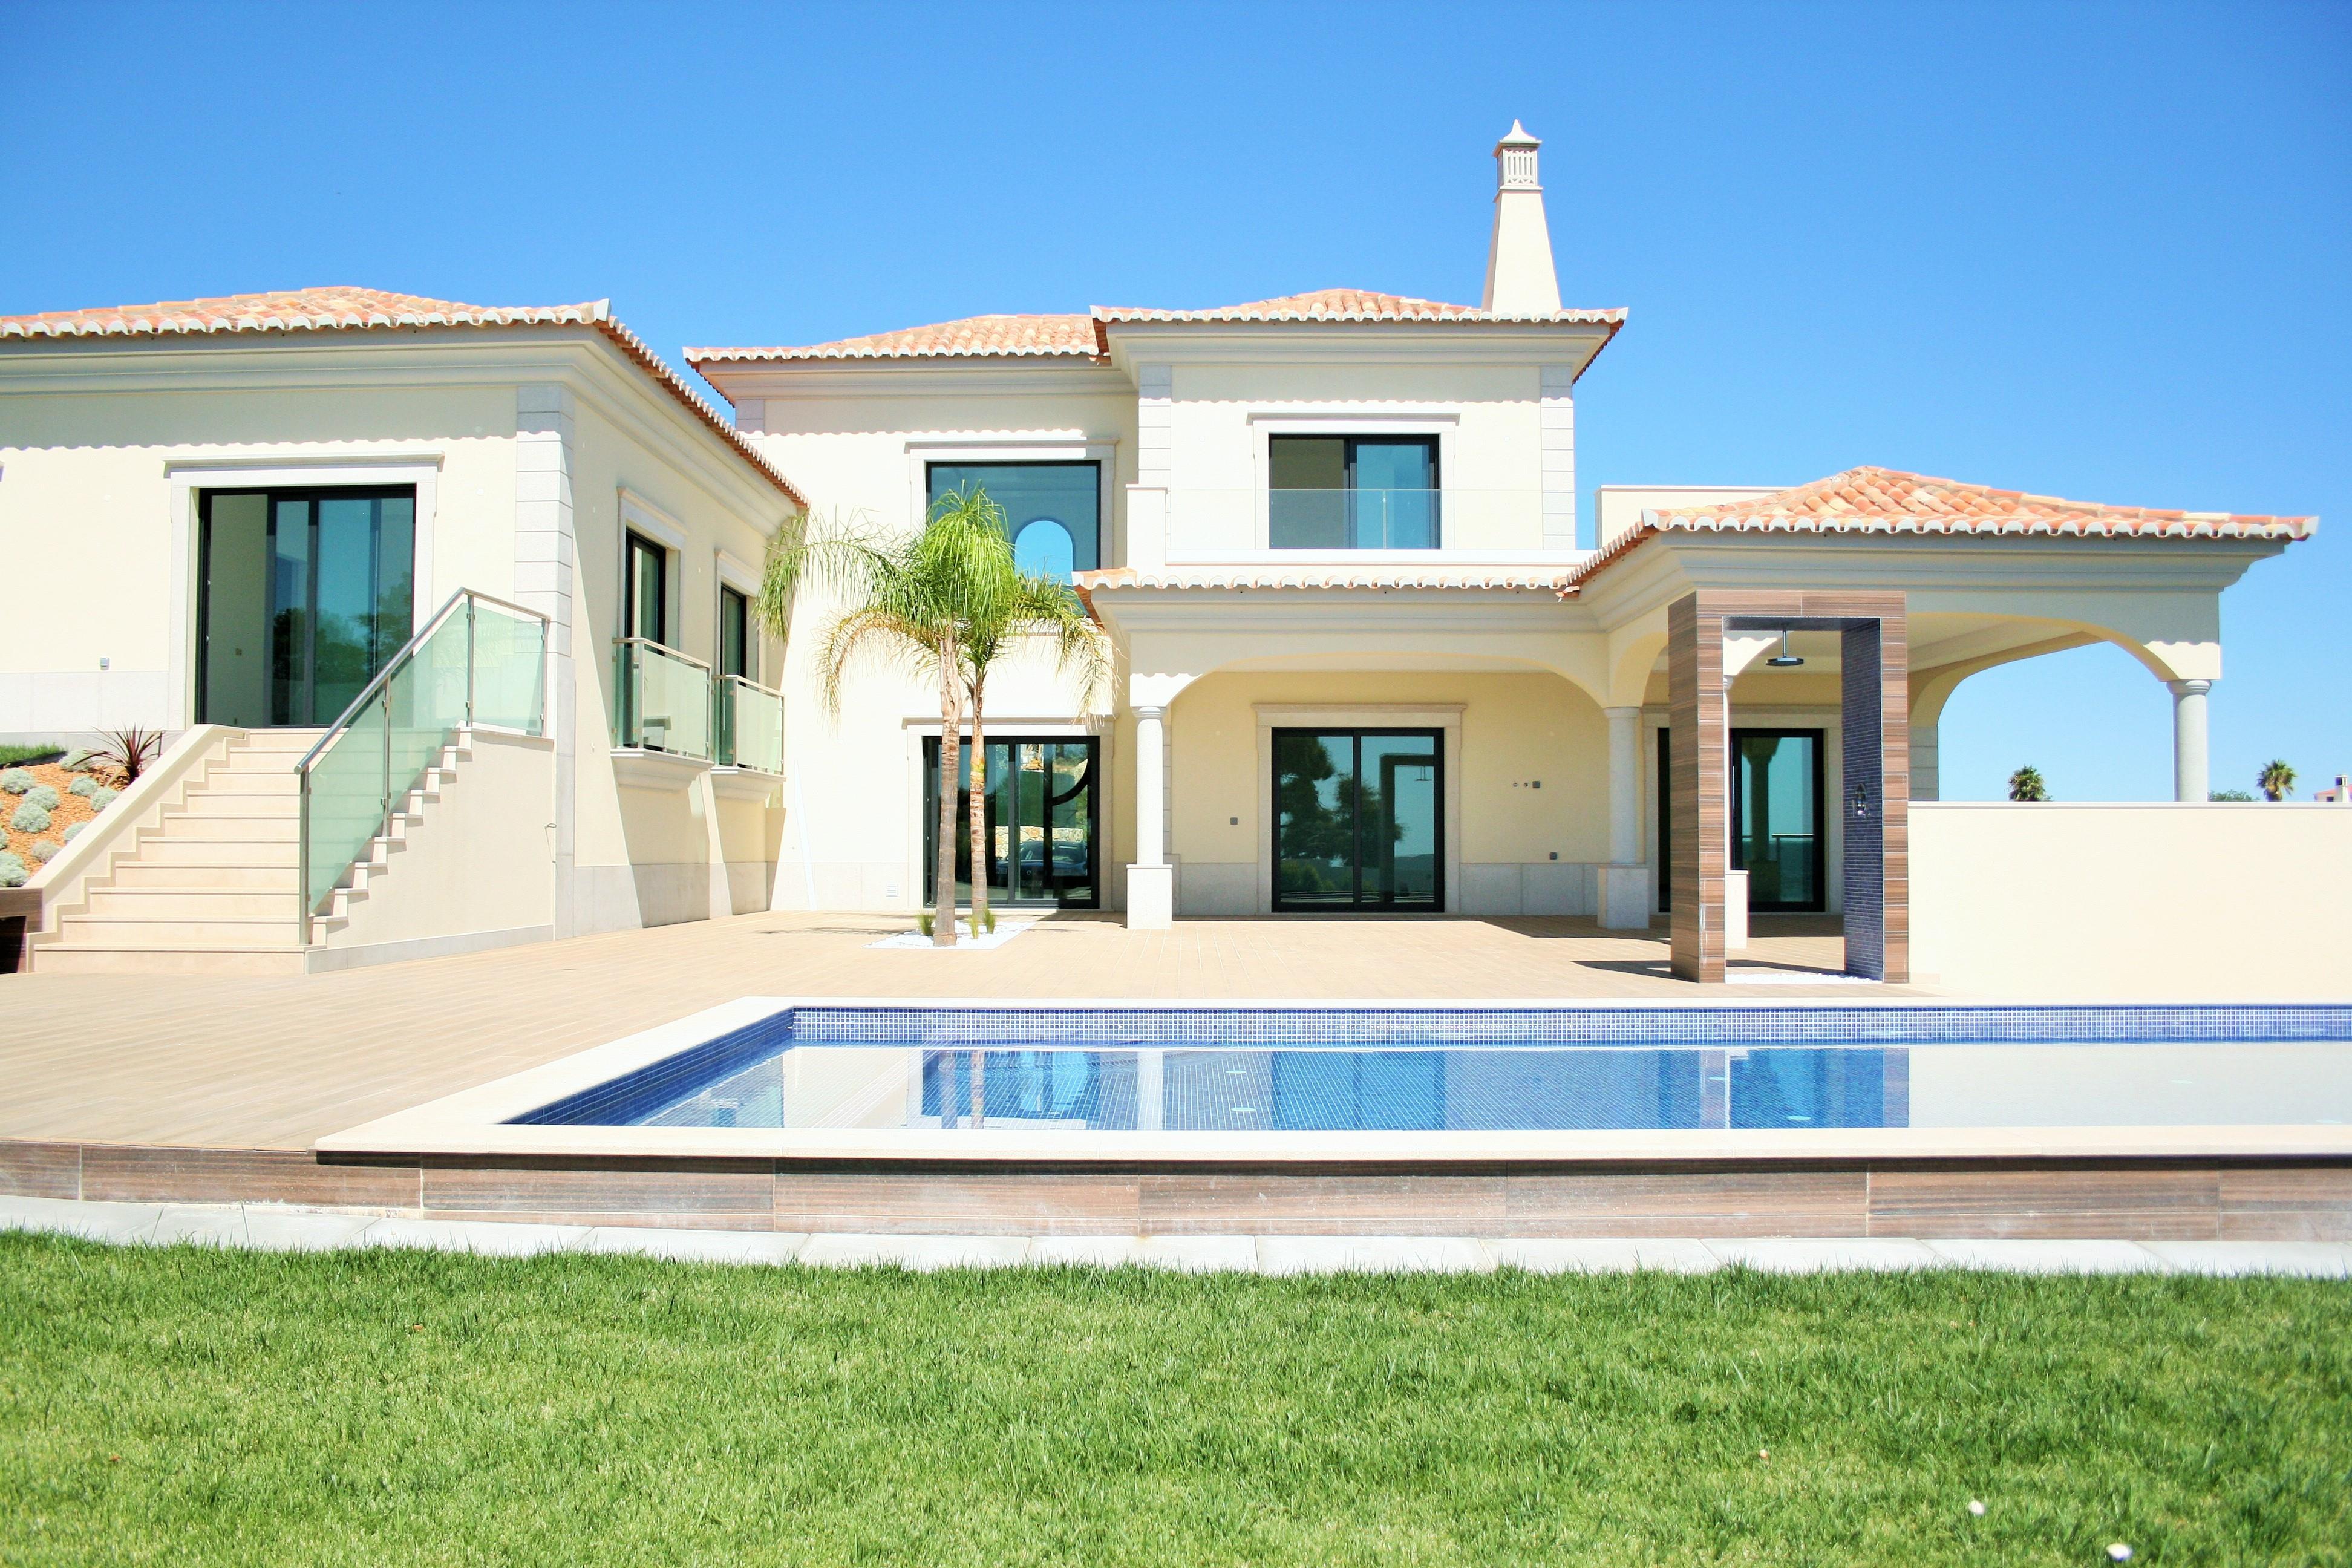 Casa Unifamiliar por un Venta en Detached house, 4 bedrooms, for Sale Loule, Algarve, Portugal